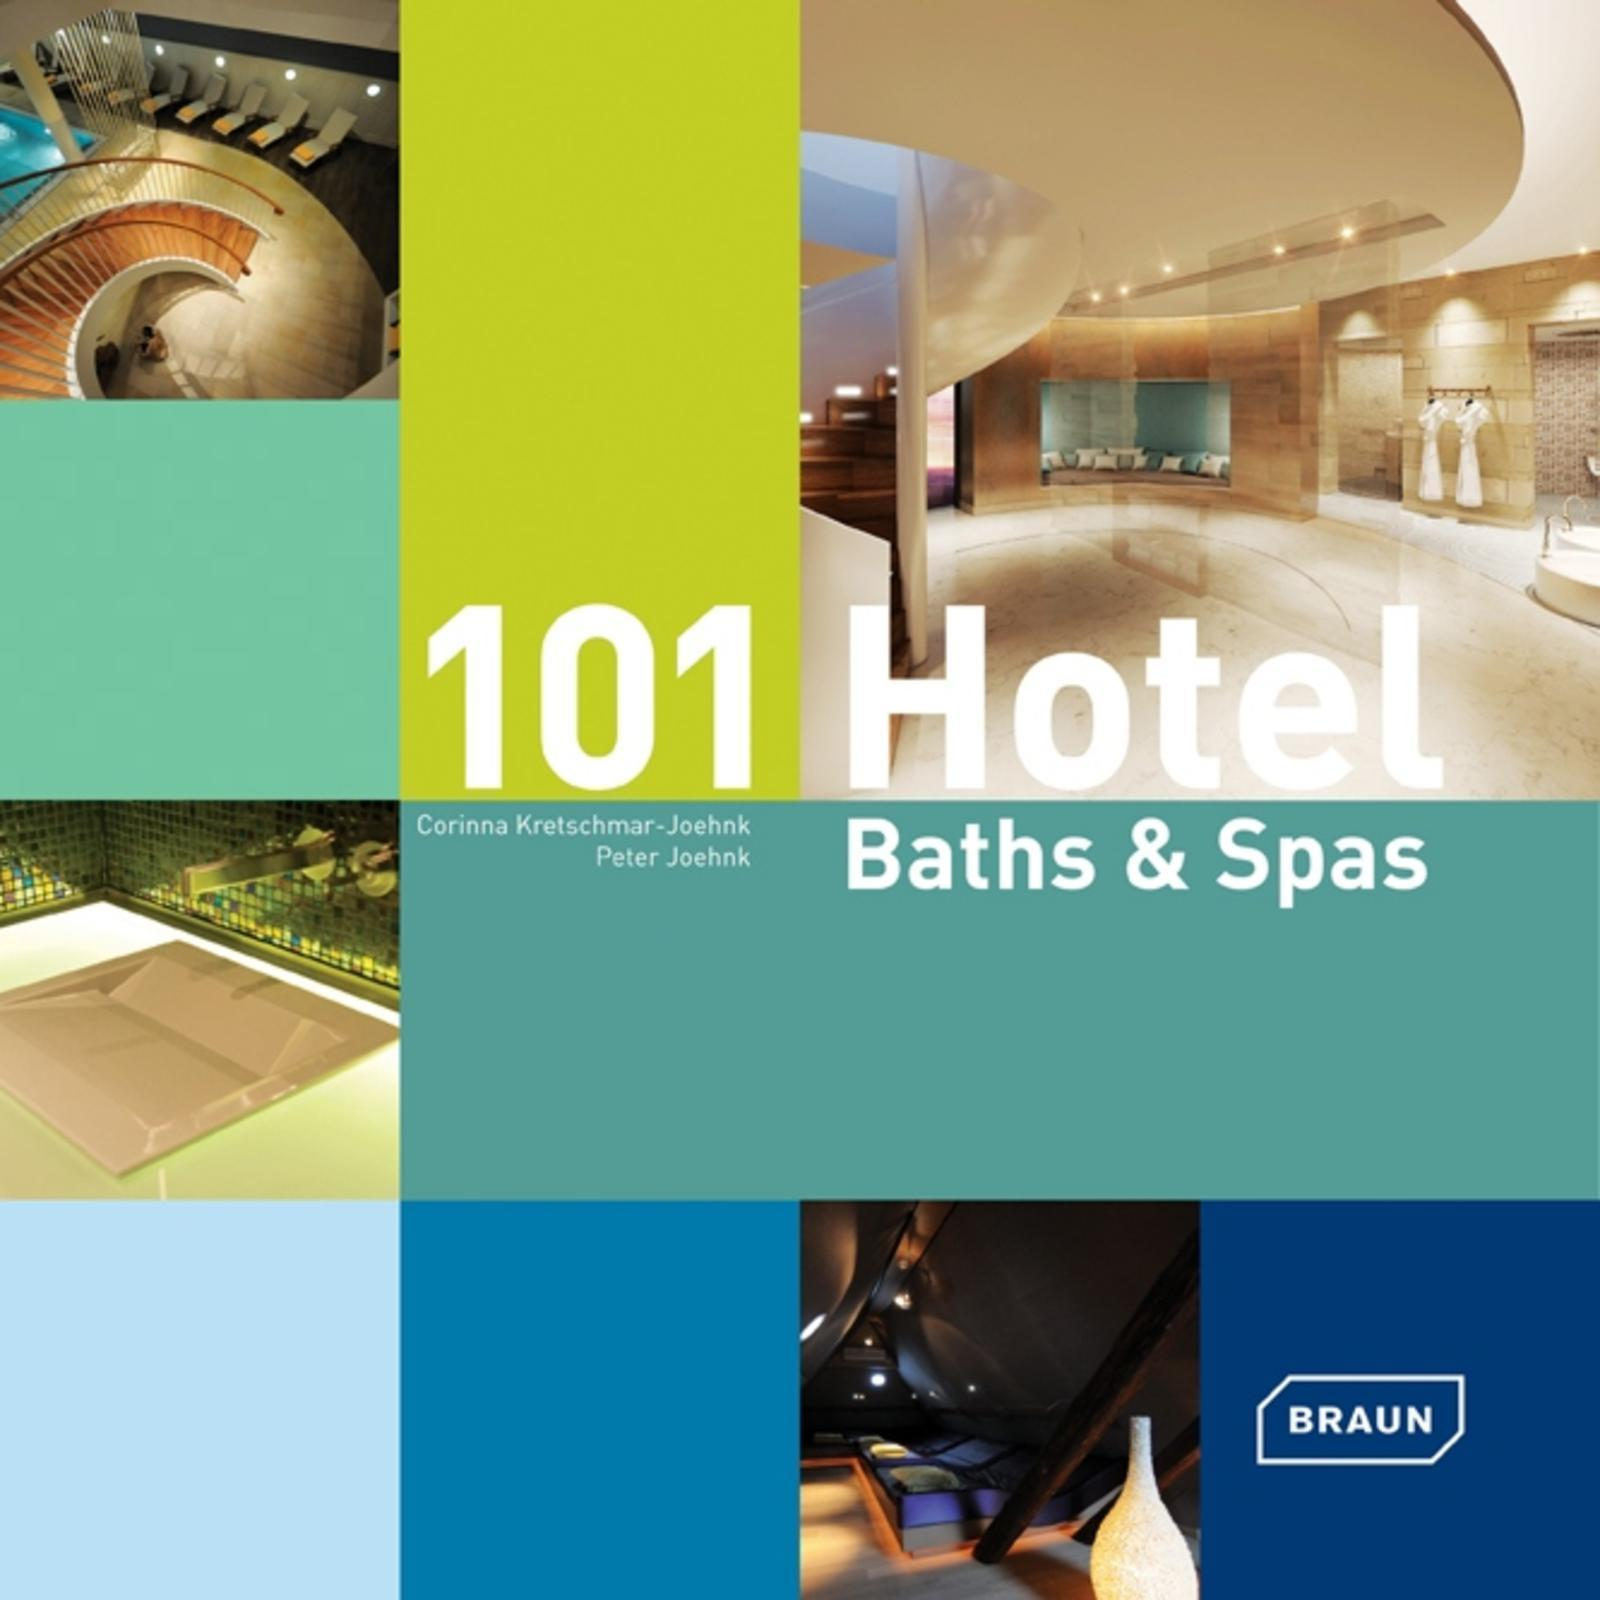 101 HOTEL BATHS AND SPAS